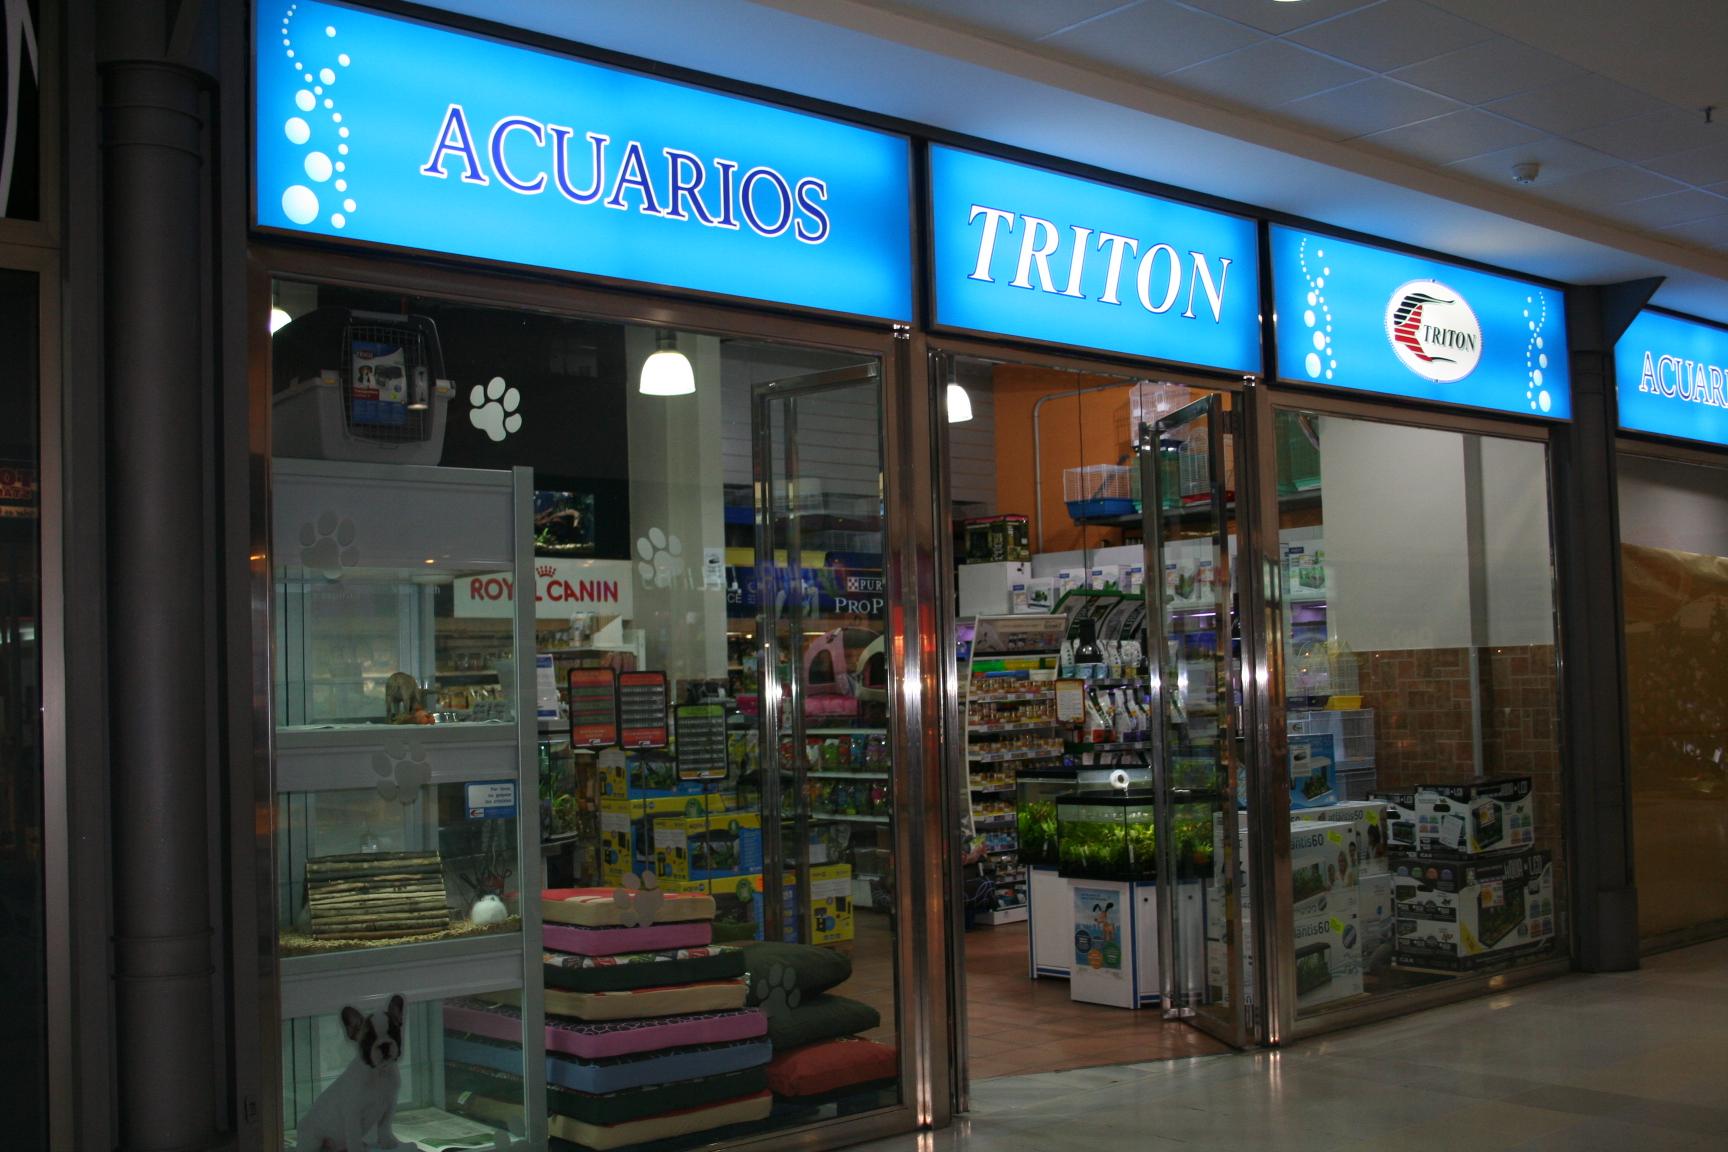 Acuarios Tritón